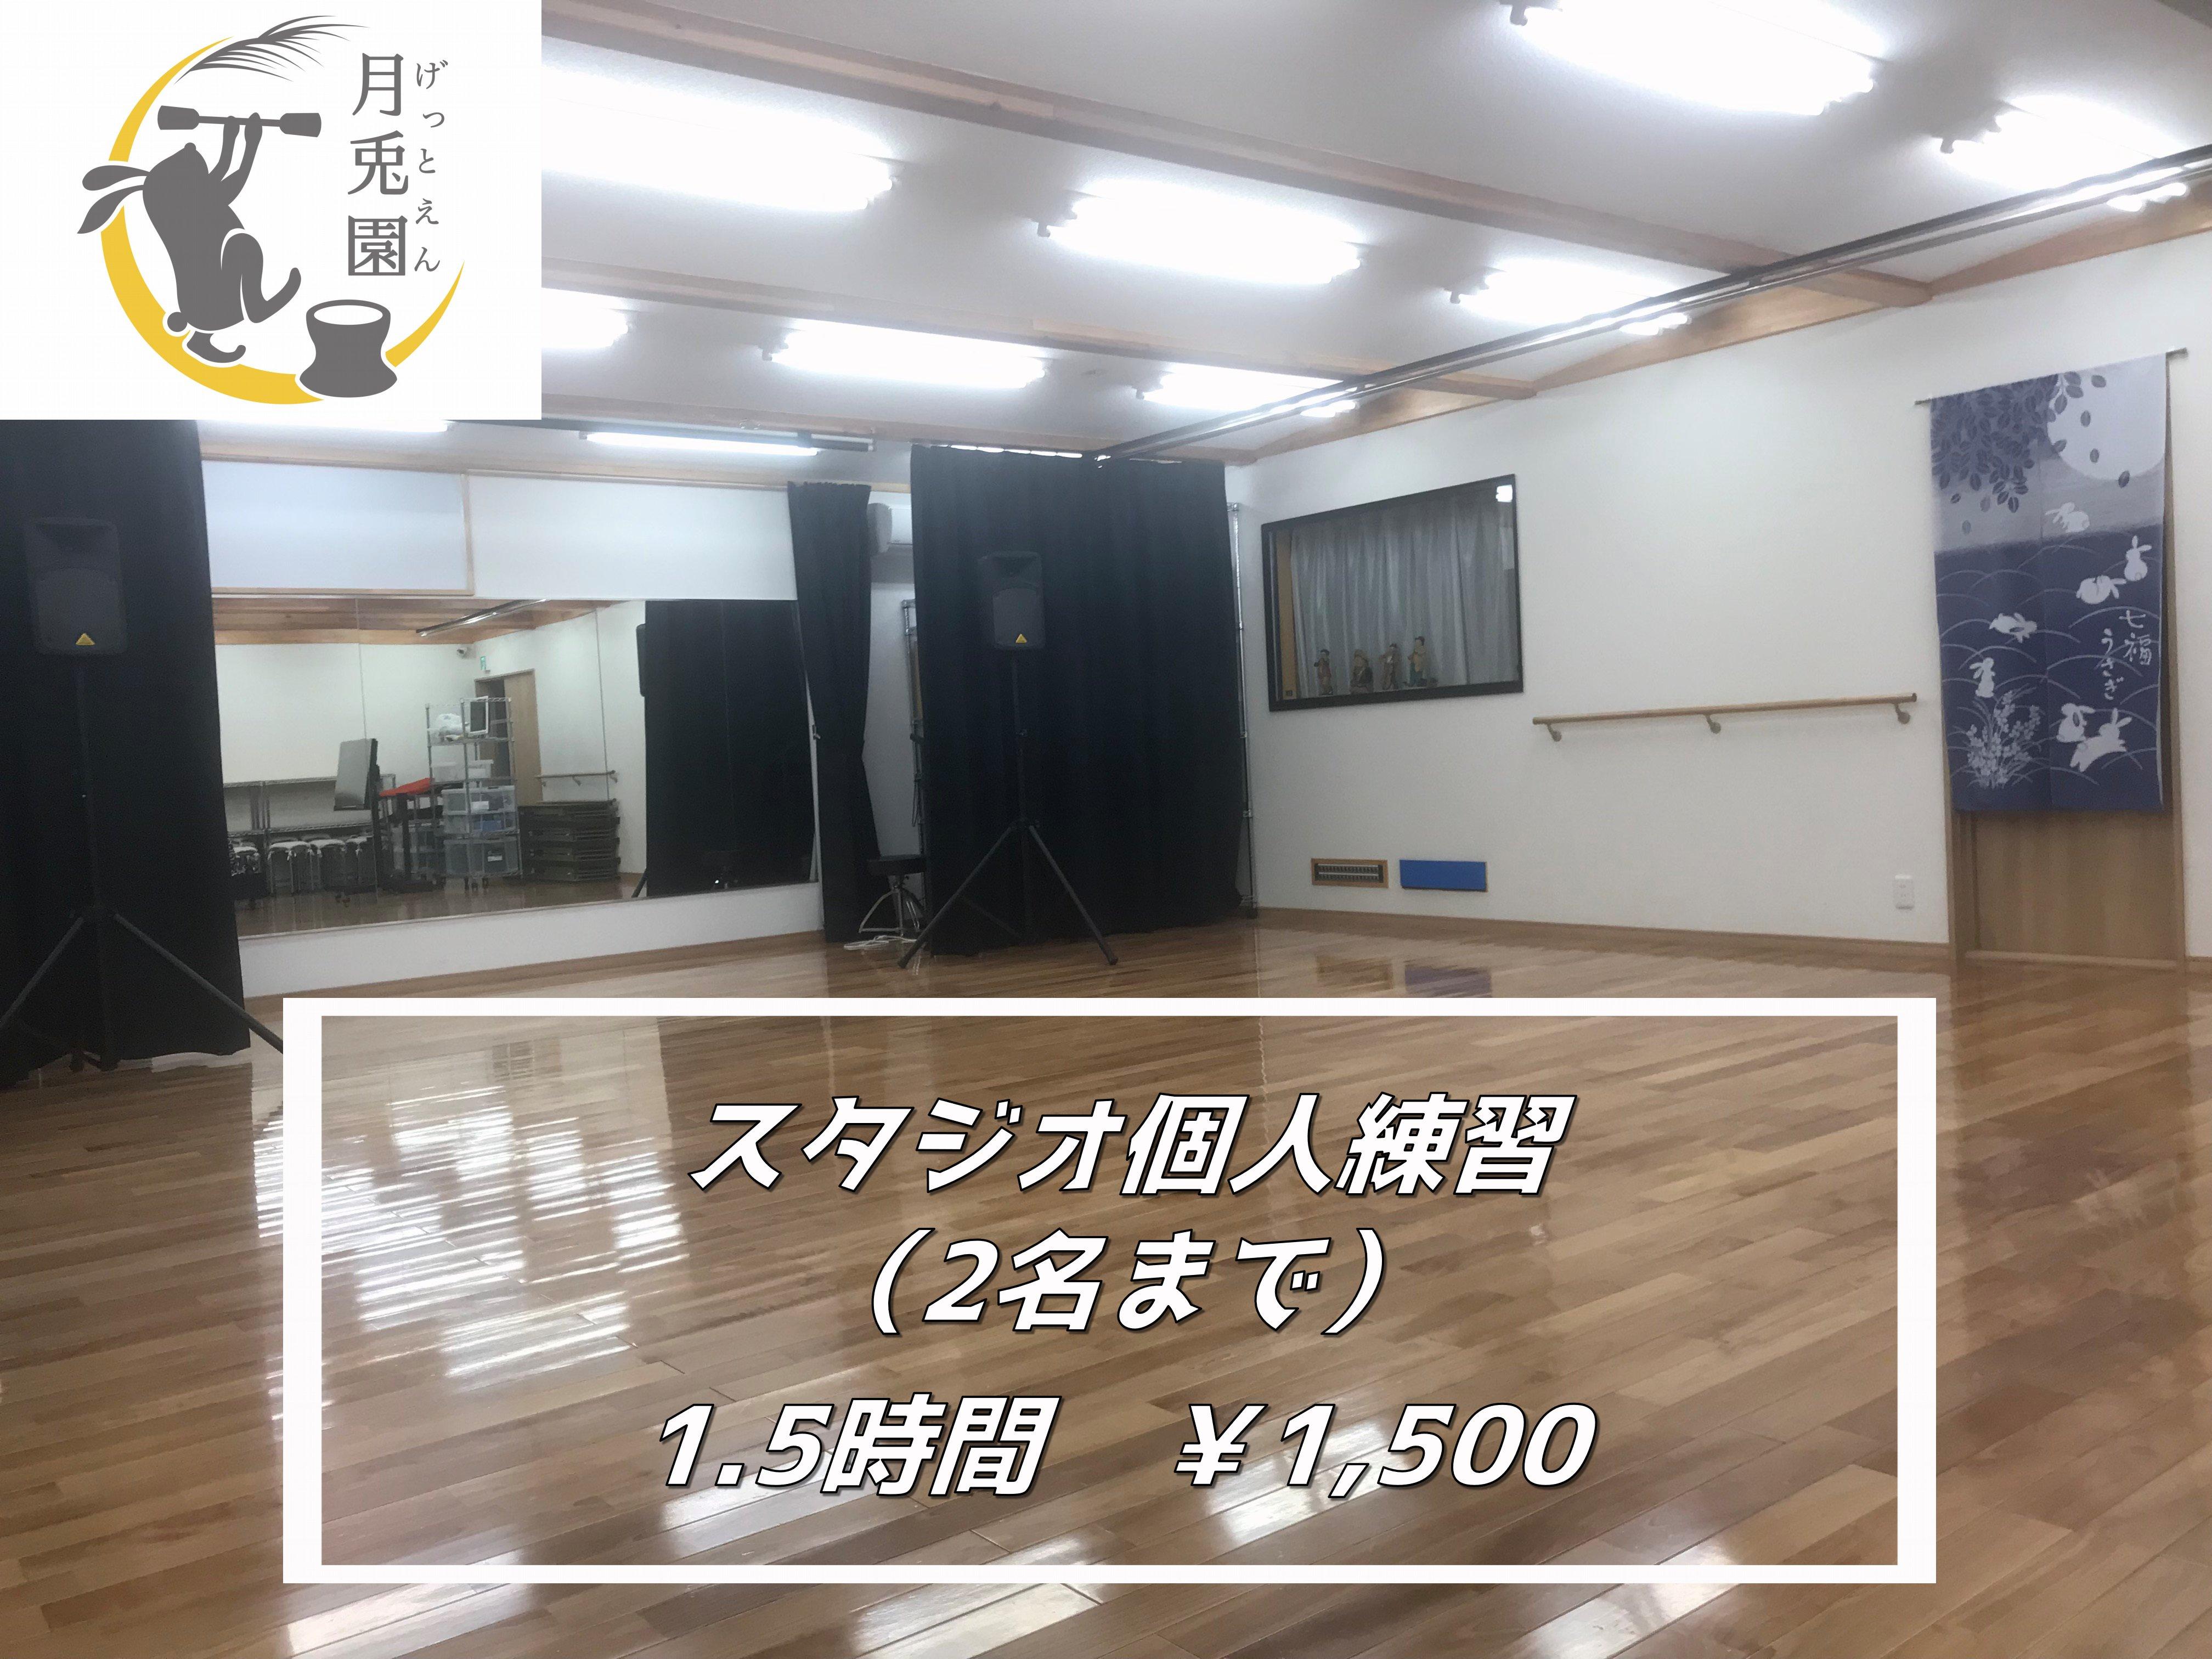 月兎園スタジオレンタル 個人練習1.5時間(2名まで)のイメージその1